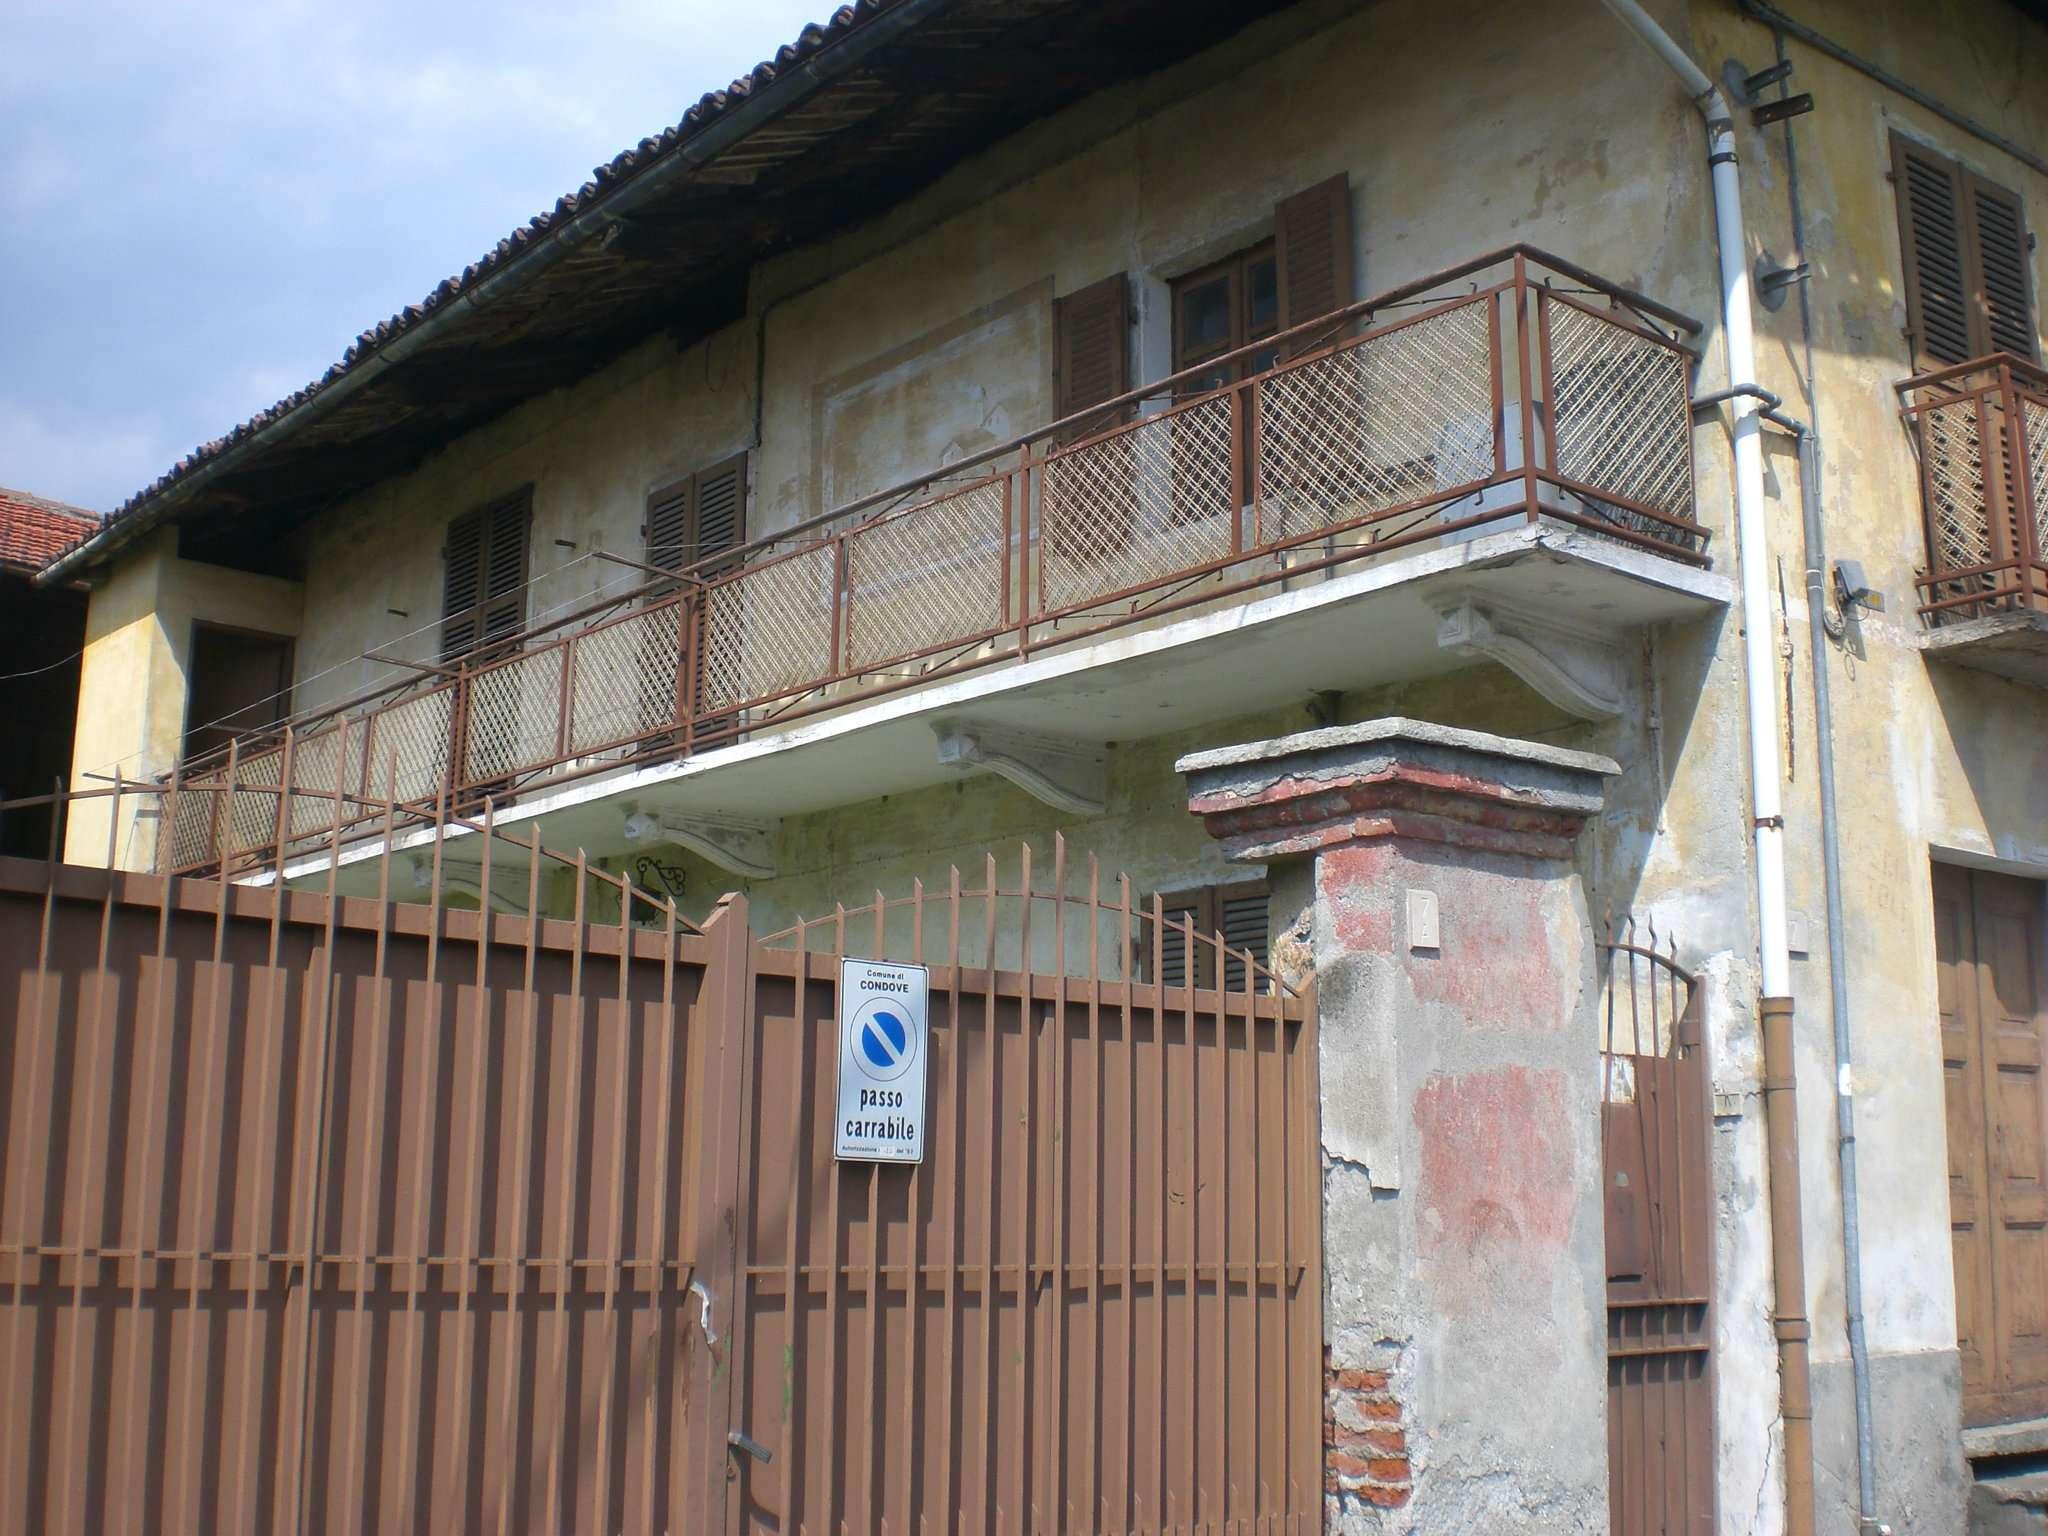 Soluzione Indipendente in vendita a Condove, 10 locali, prezzo € 215.000 | CambioCasa.it